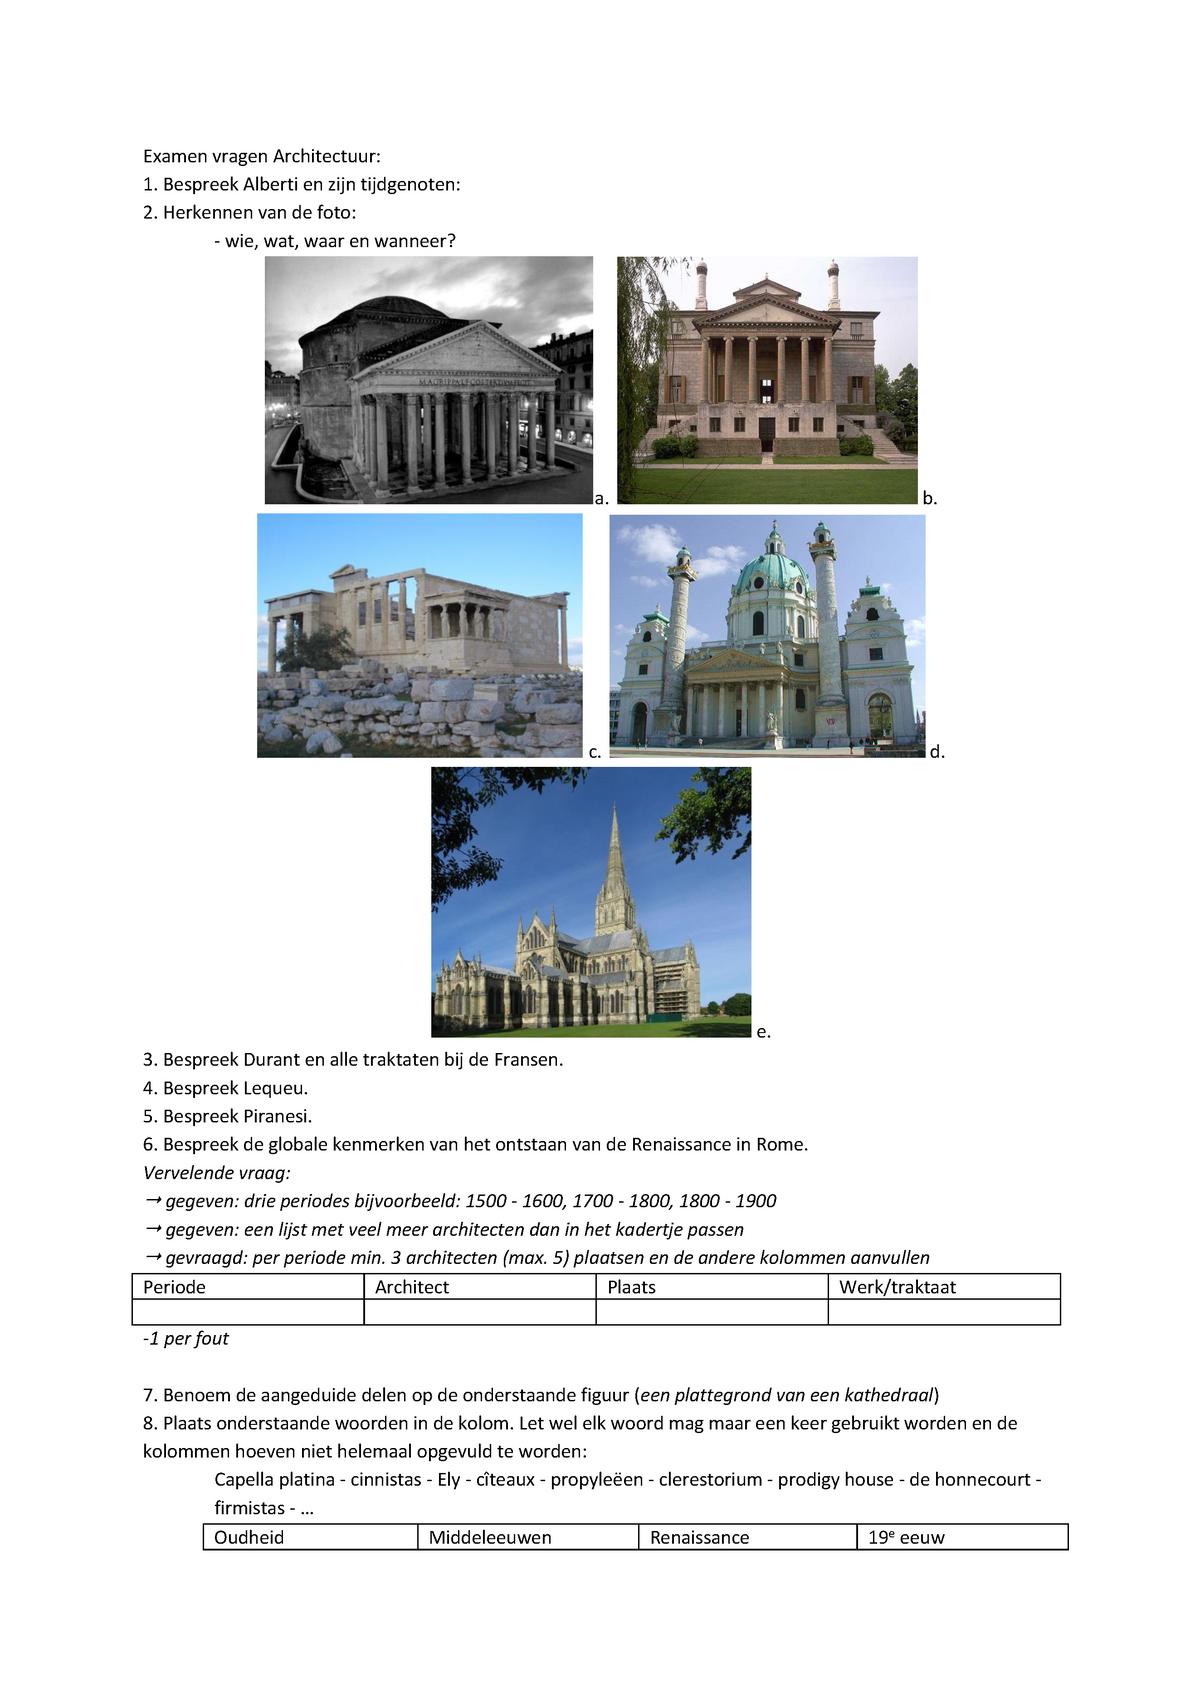 Wanneer Is Architectuur Ontstaan.Tentamen 2013 Geschiedenis Van De Architectuur I Vragen